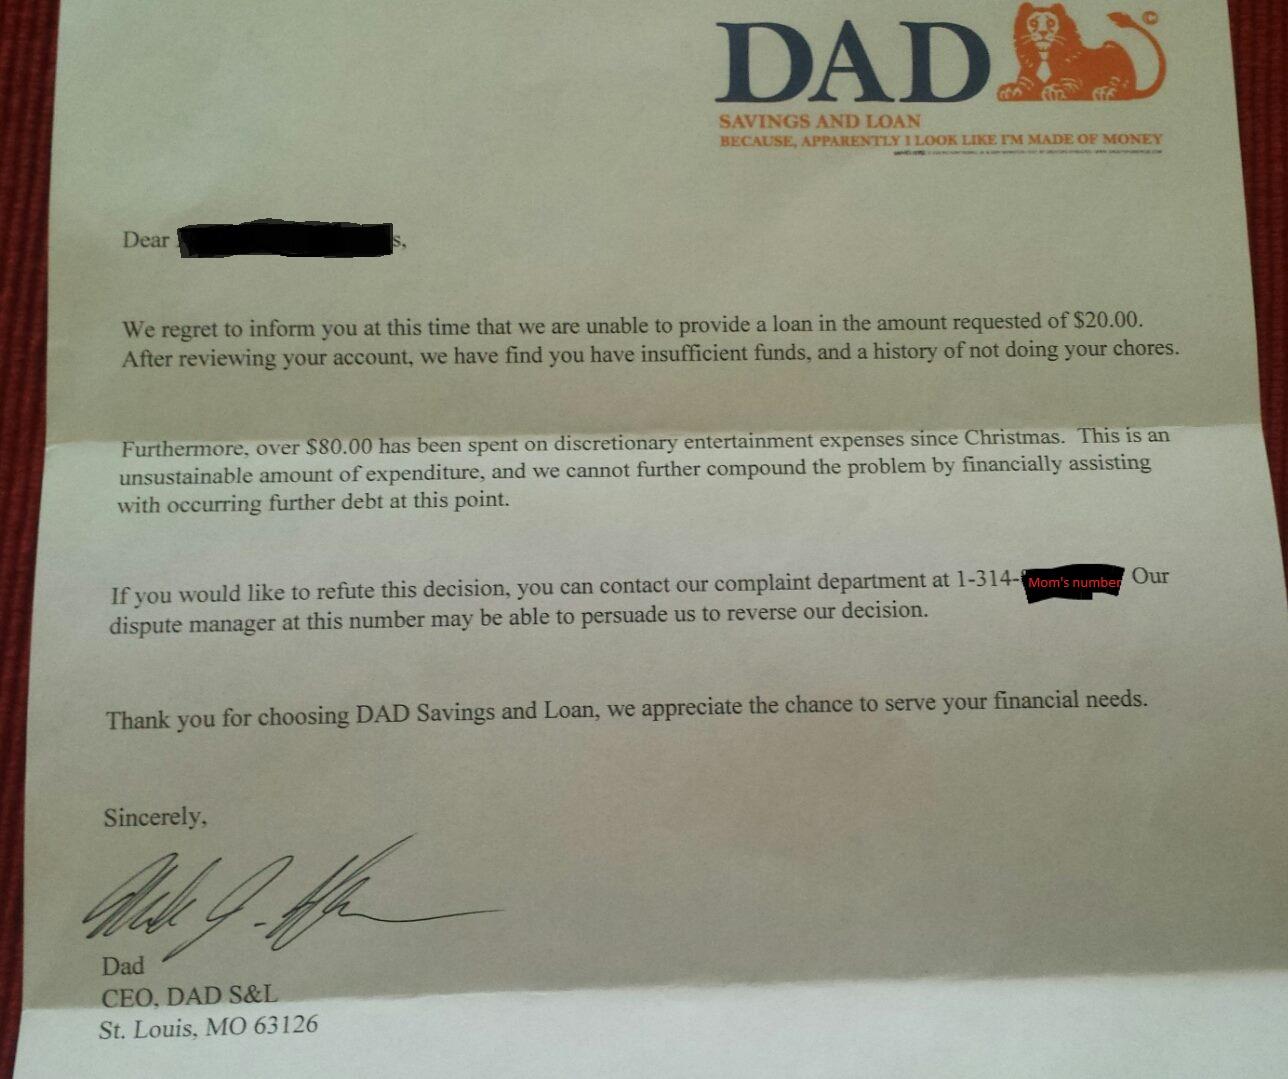 在6歲女兒跟老爸要670元的零用錢後,老爸竟然搞笑回了一封「老爸銀行正式書信」內容笑翻網友!